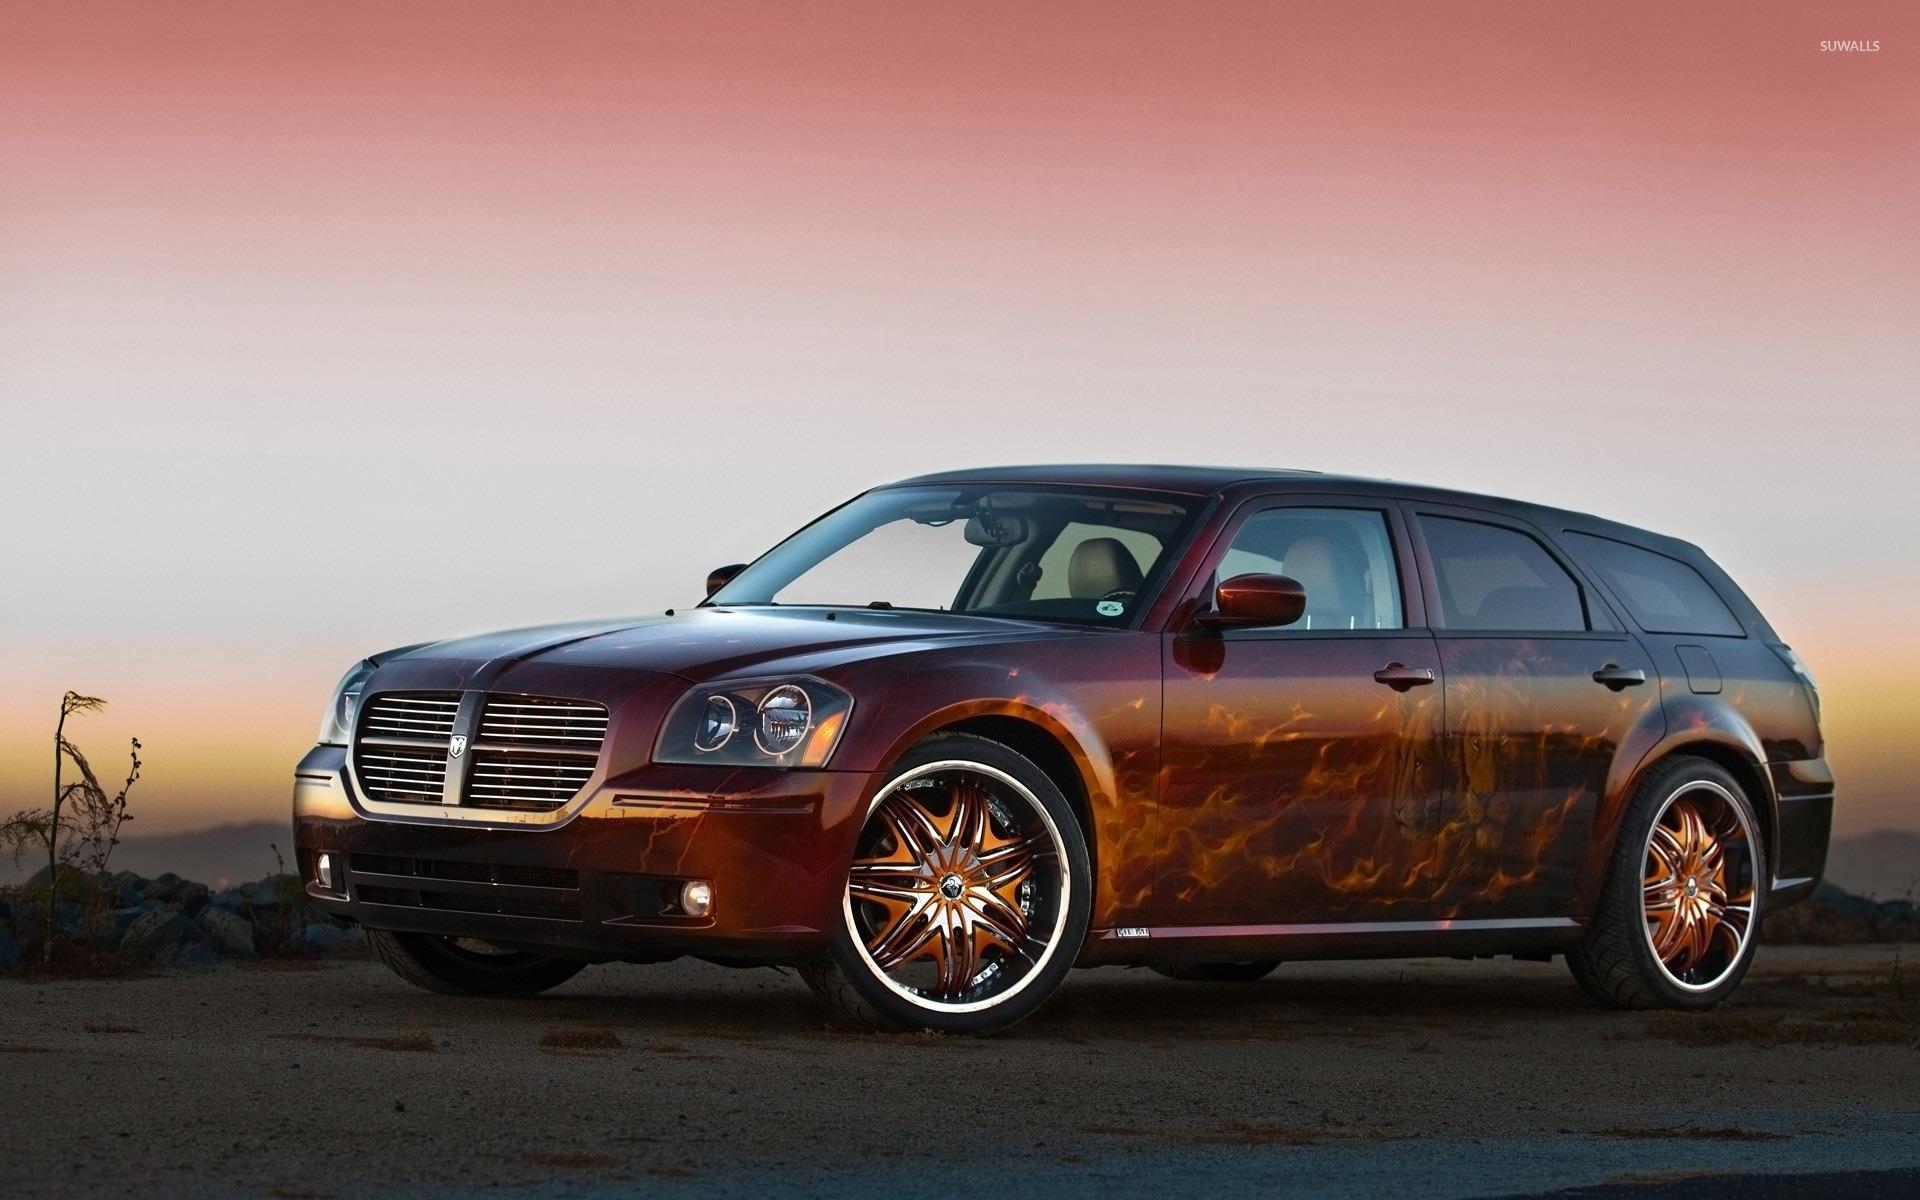 Jaguar Car Wallpapers Hd Free Download 2008 Dodge Magnum Wallpaper Car Wallpapers 10341